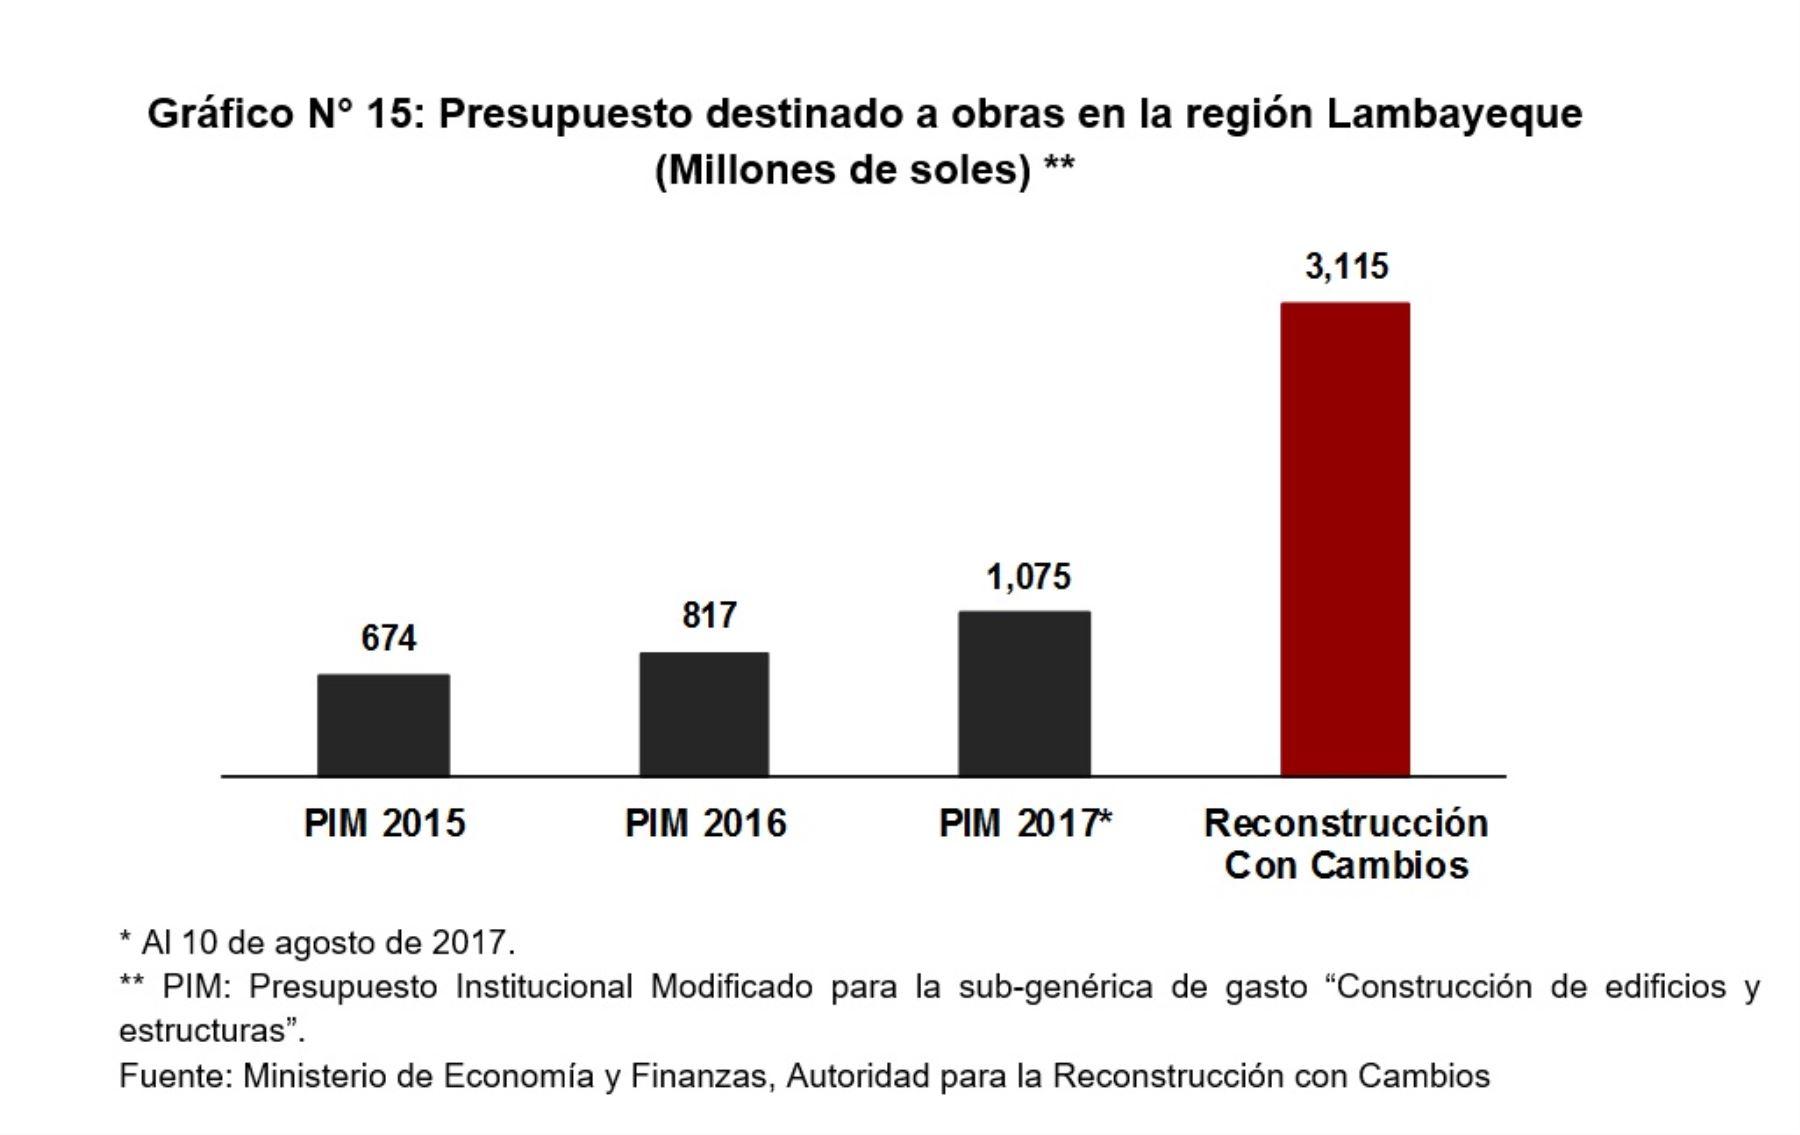 Presupuesto destinado a obras en la región Lambayeque, según la versión definitiva del Plan Integral de la Reconstrucción con Cambios 2017.